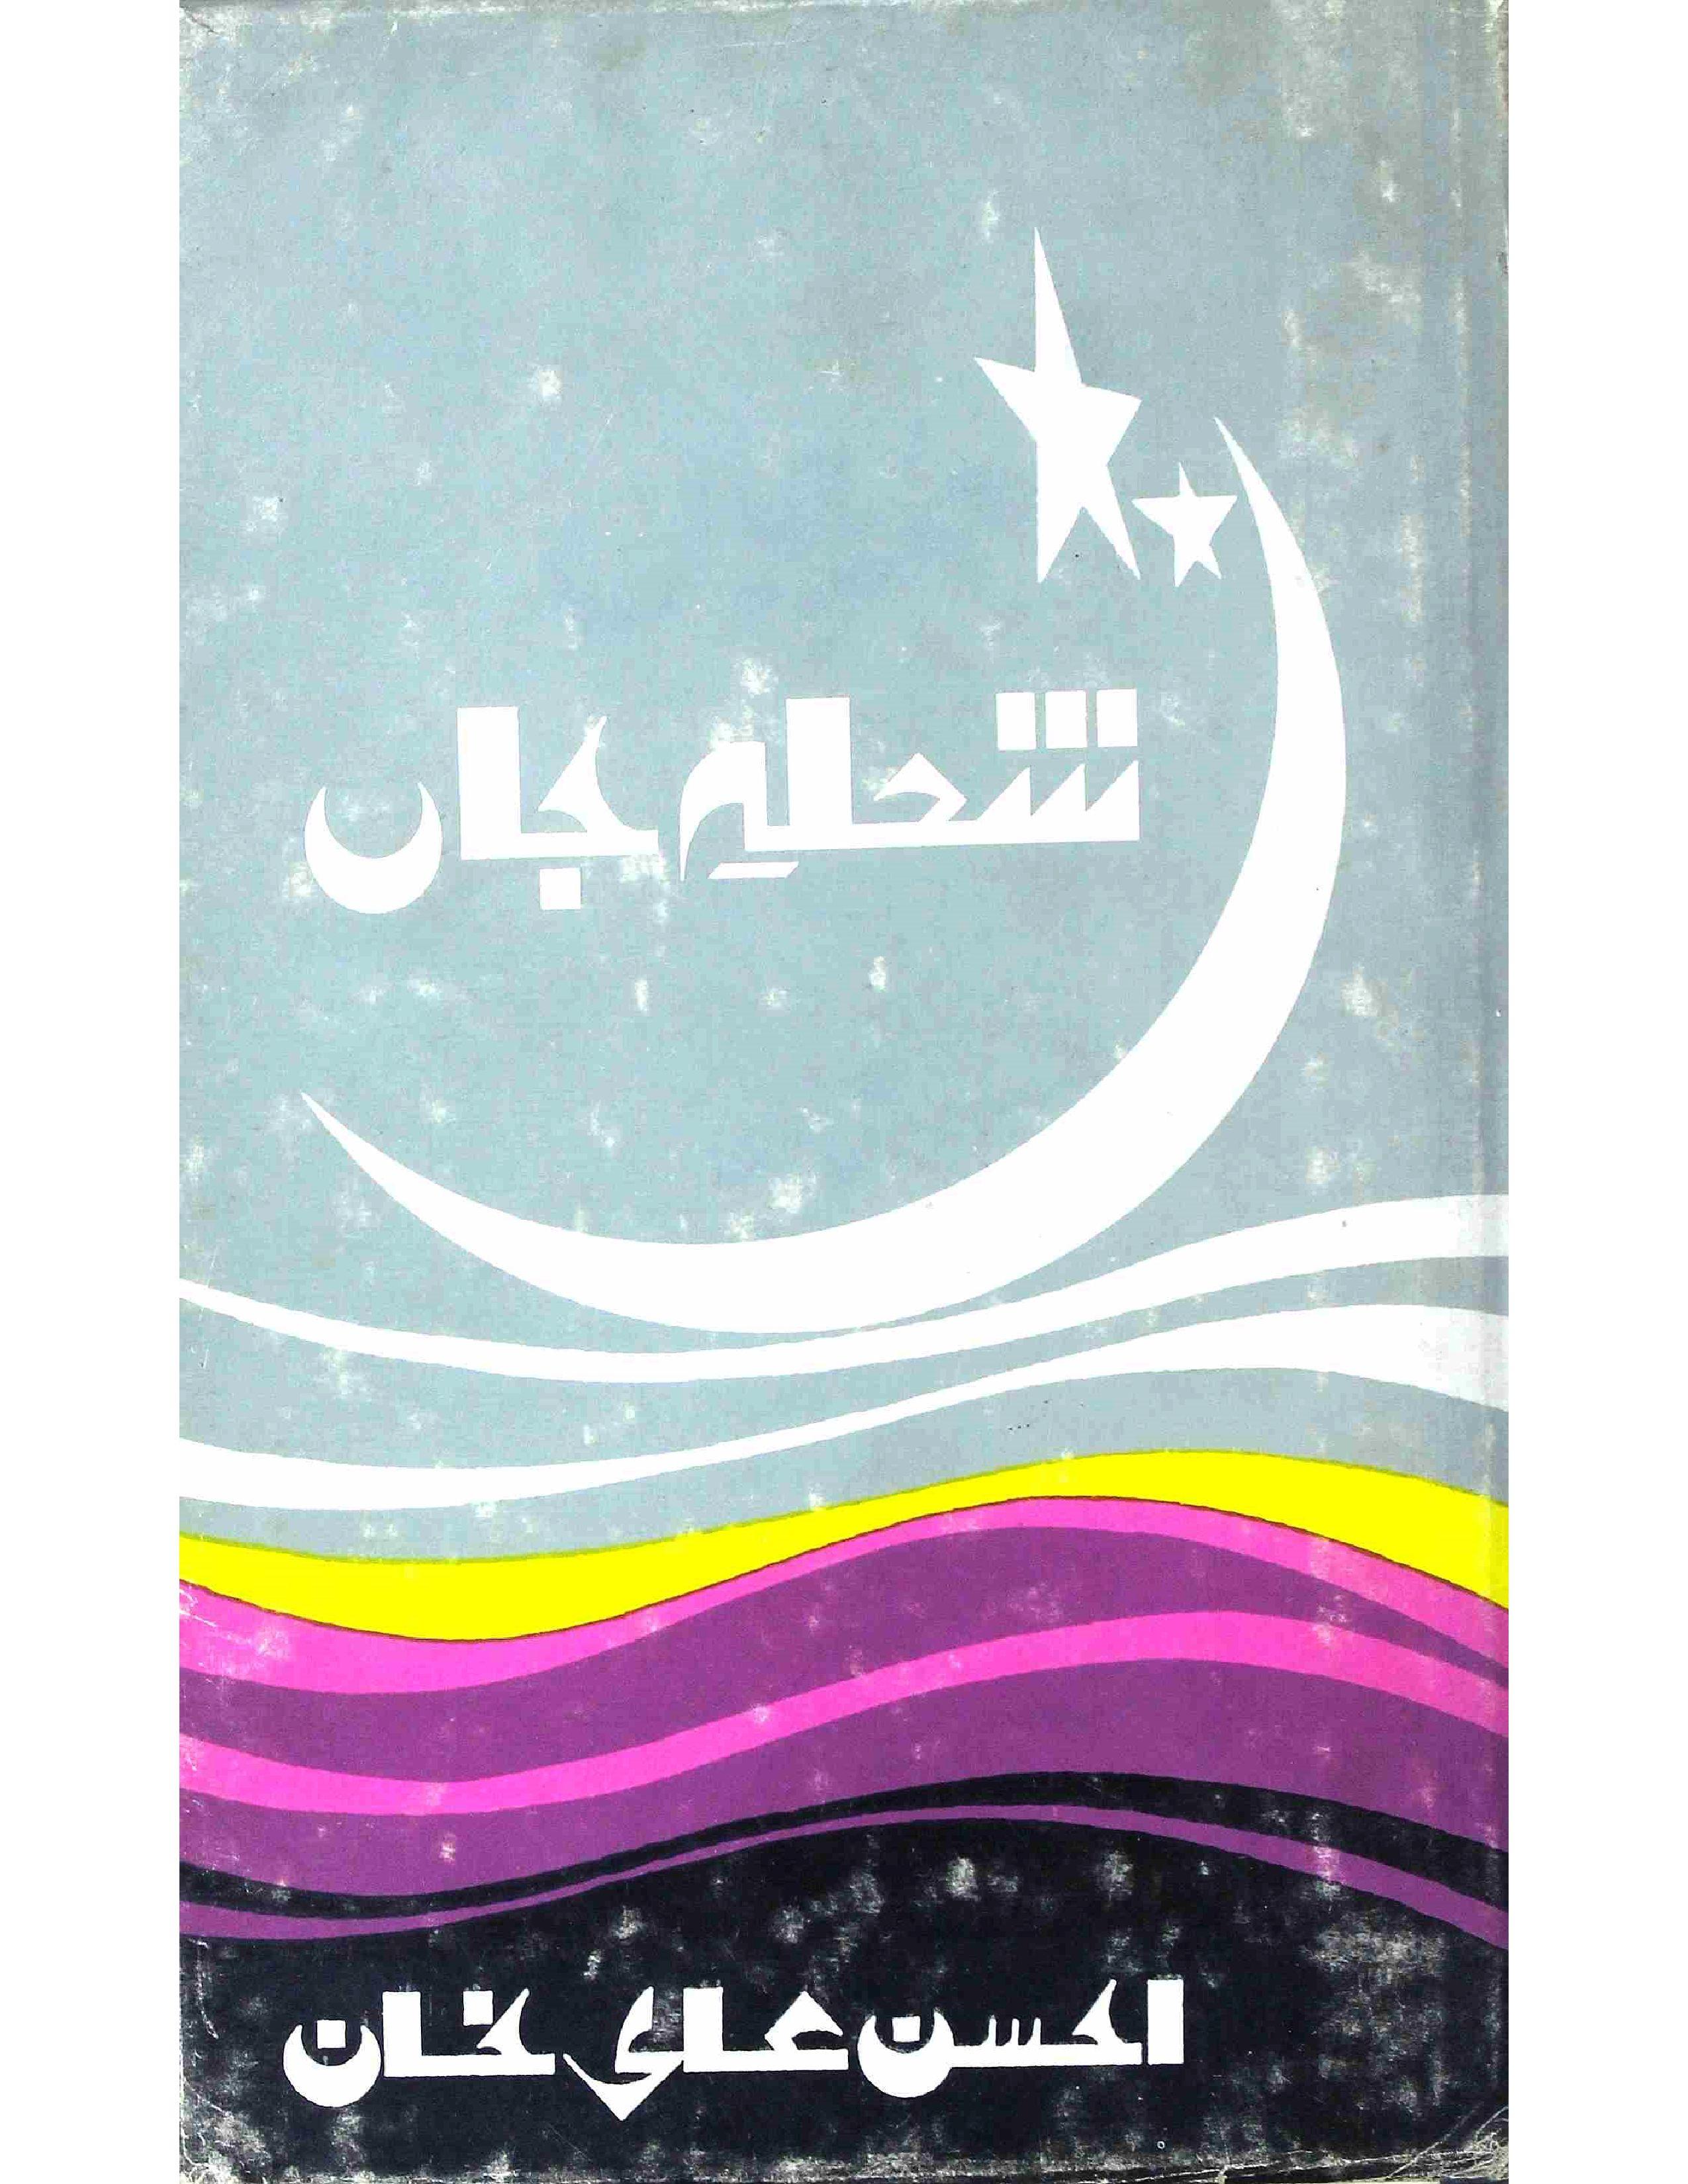 Shola-e-Jaan